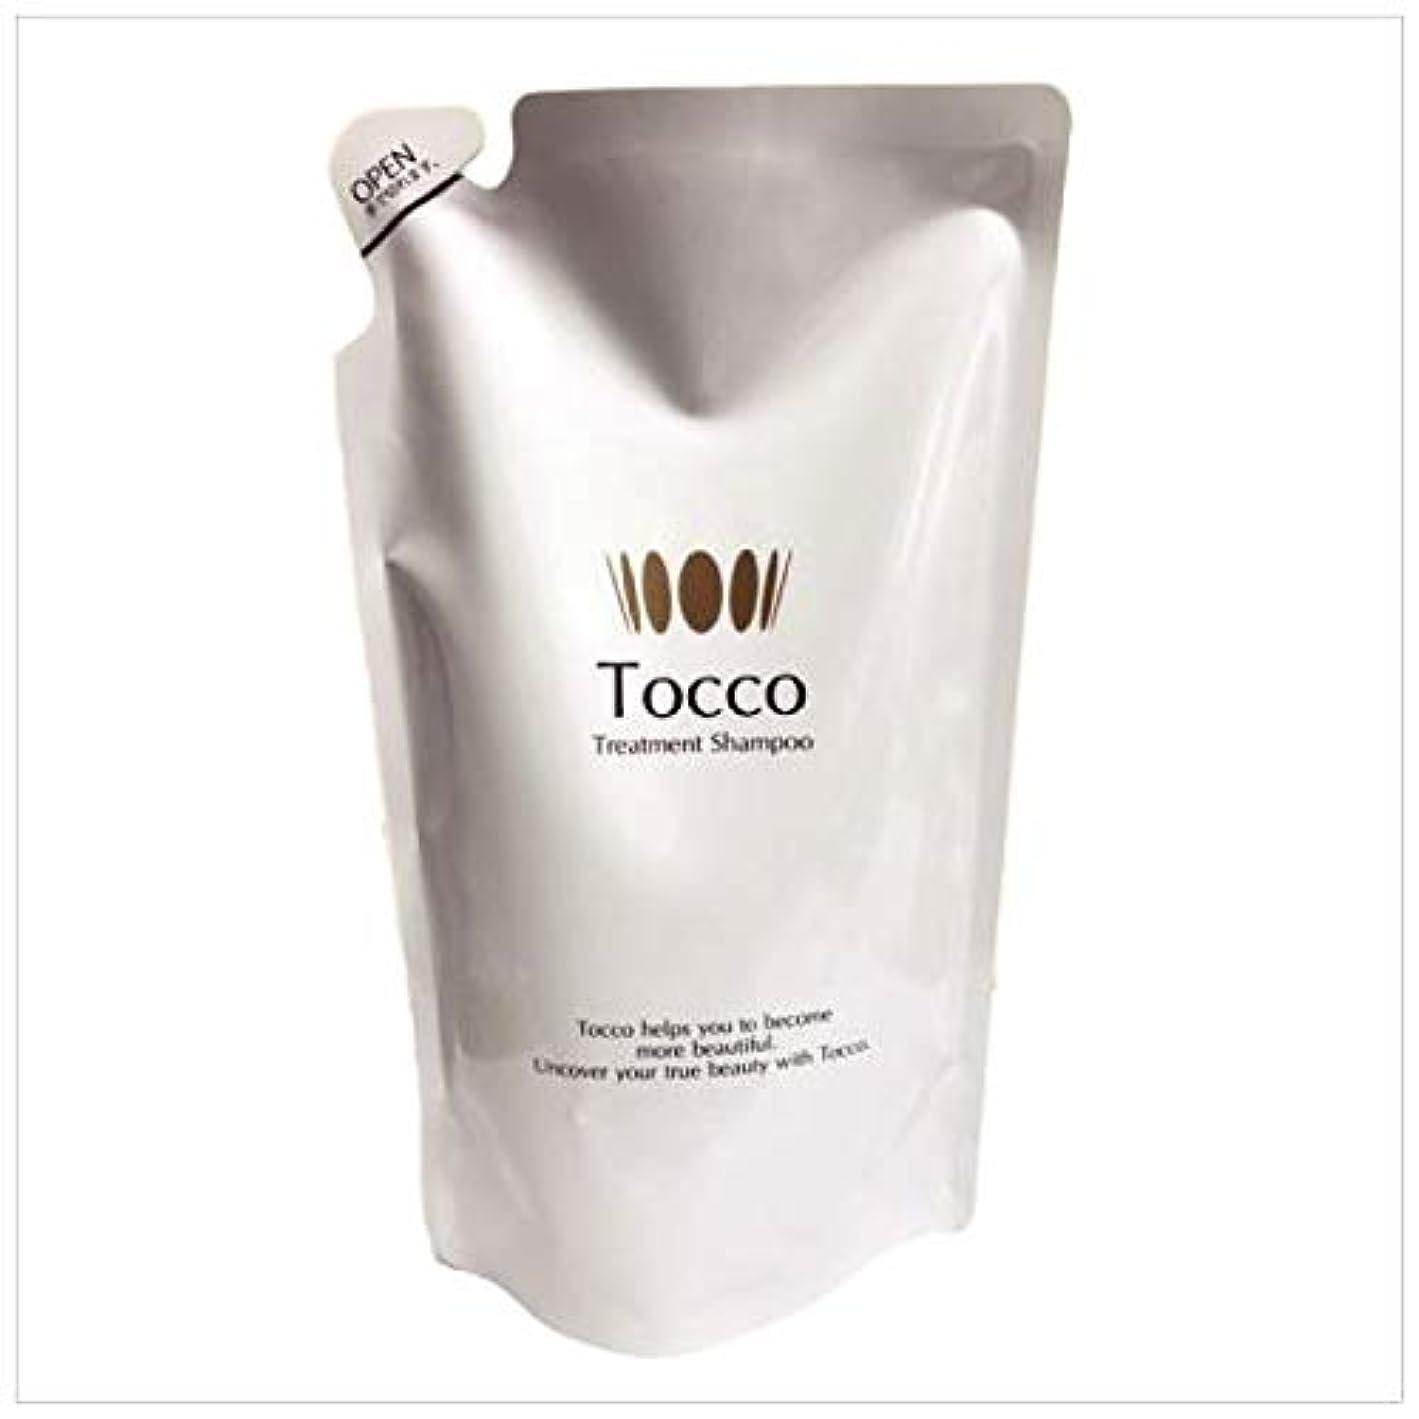 貨物ながら考案するTocco トリートメントシャンプー 詰め替え用 330ml